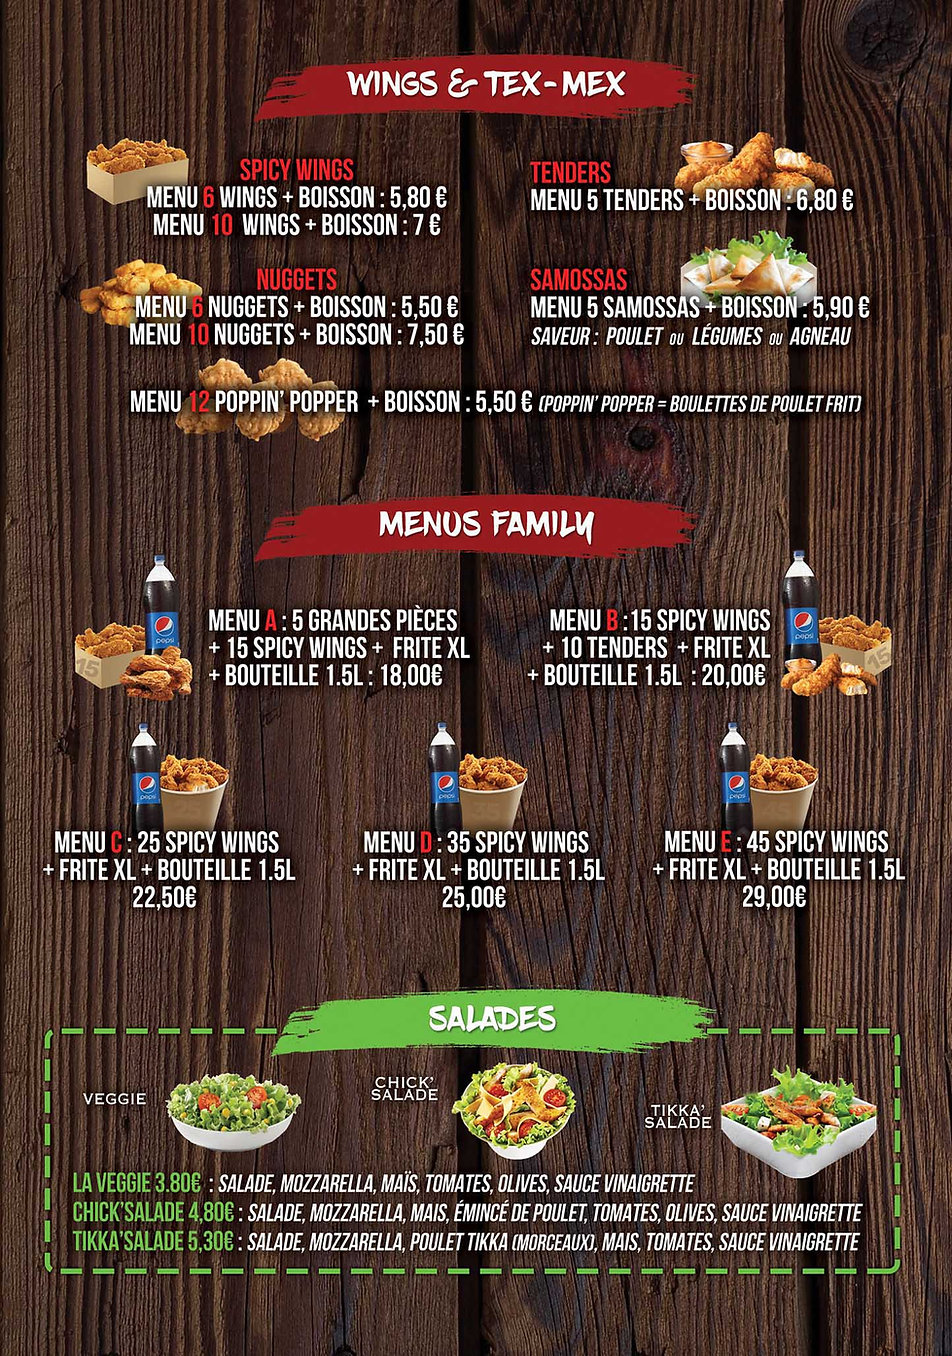 menu wings tex mex fs chicken